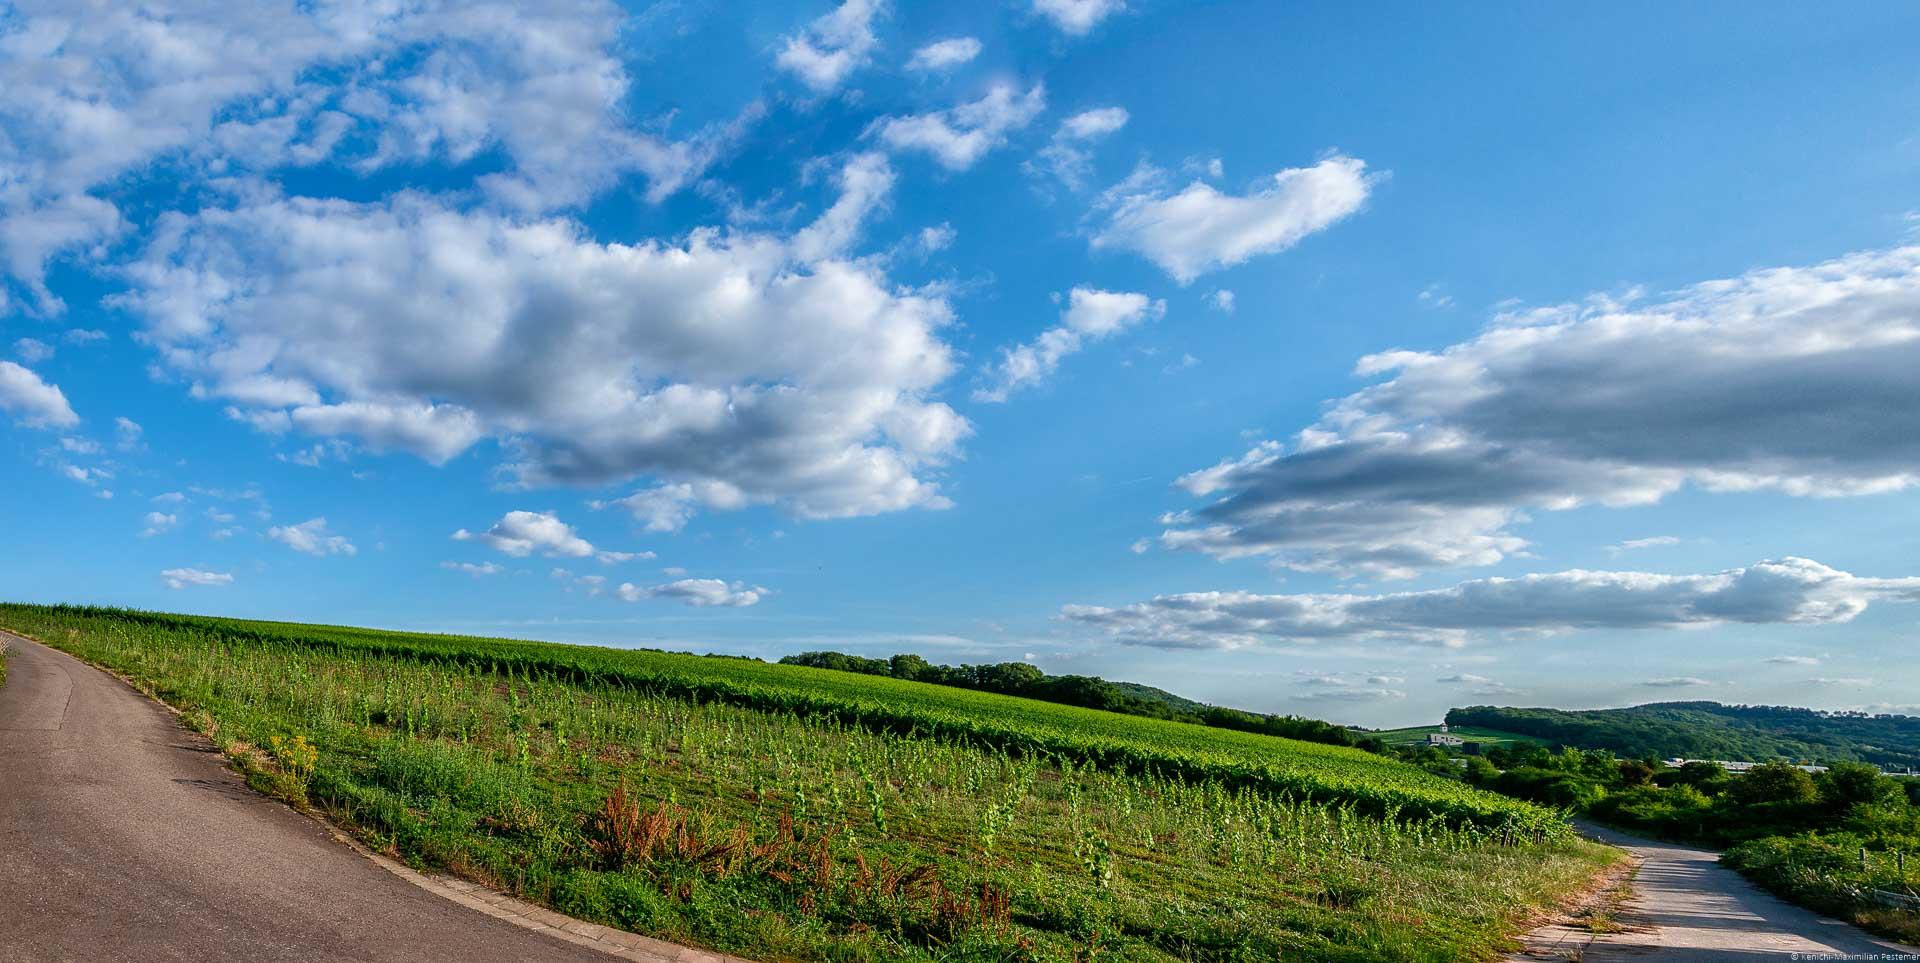 Wege befinden sich um Weinberg Sehndorfer Klosterberg herum und am blauen Himmel sind Wolken. Am anderen Ufer befindet sich das Land Luxemburg